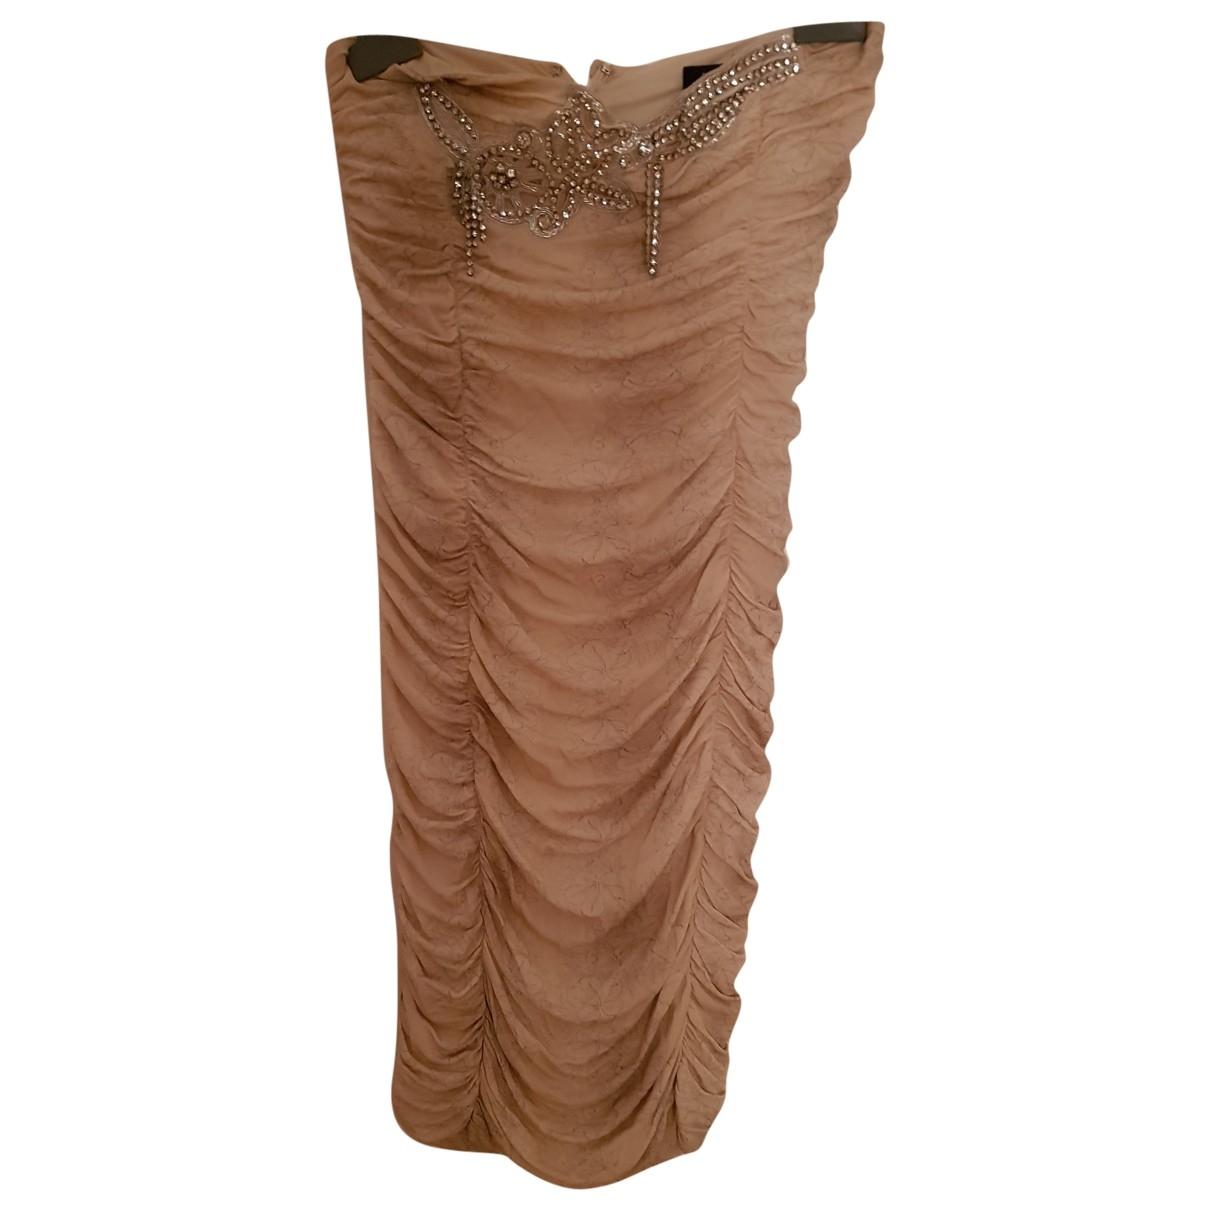 Patrizia Pepe \N dress for Women 42 IT